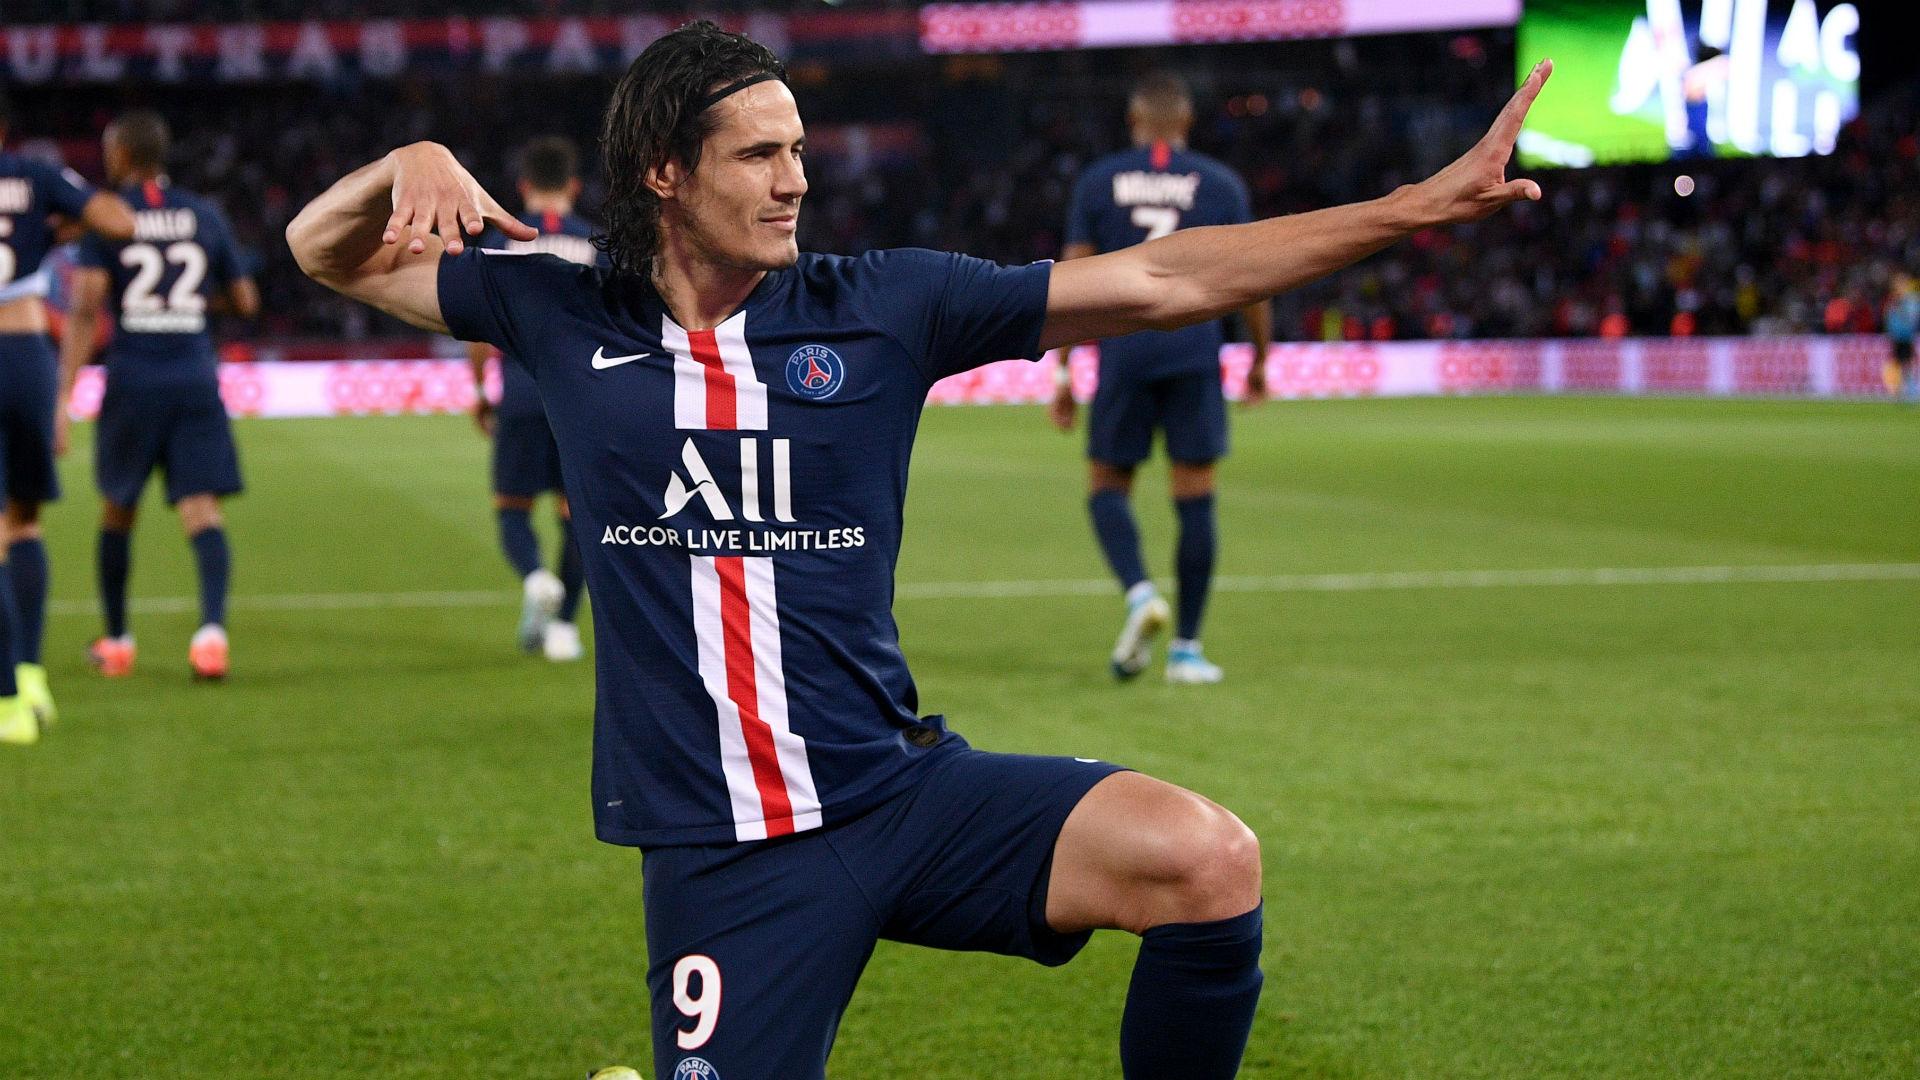 Edinson Cavani PSG Nimes Ligue 1 11082019